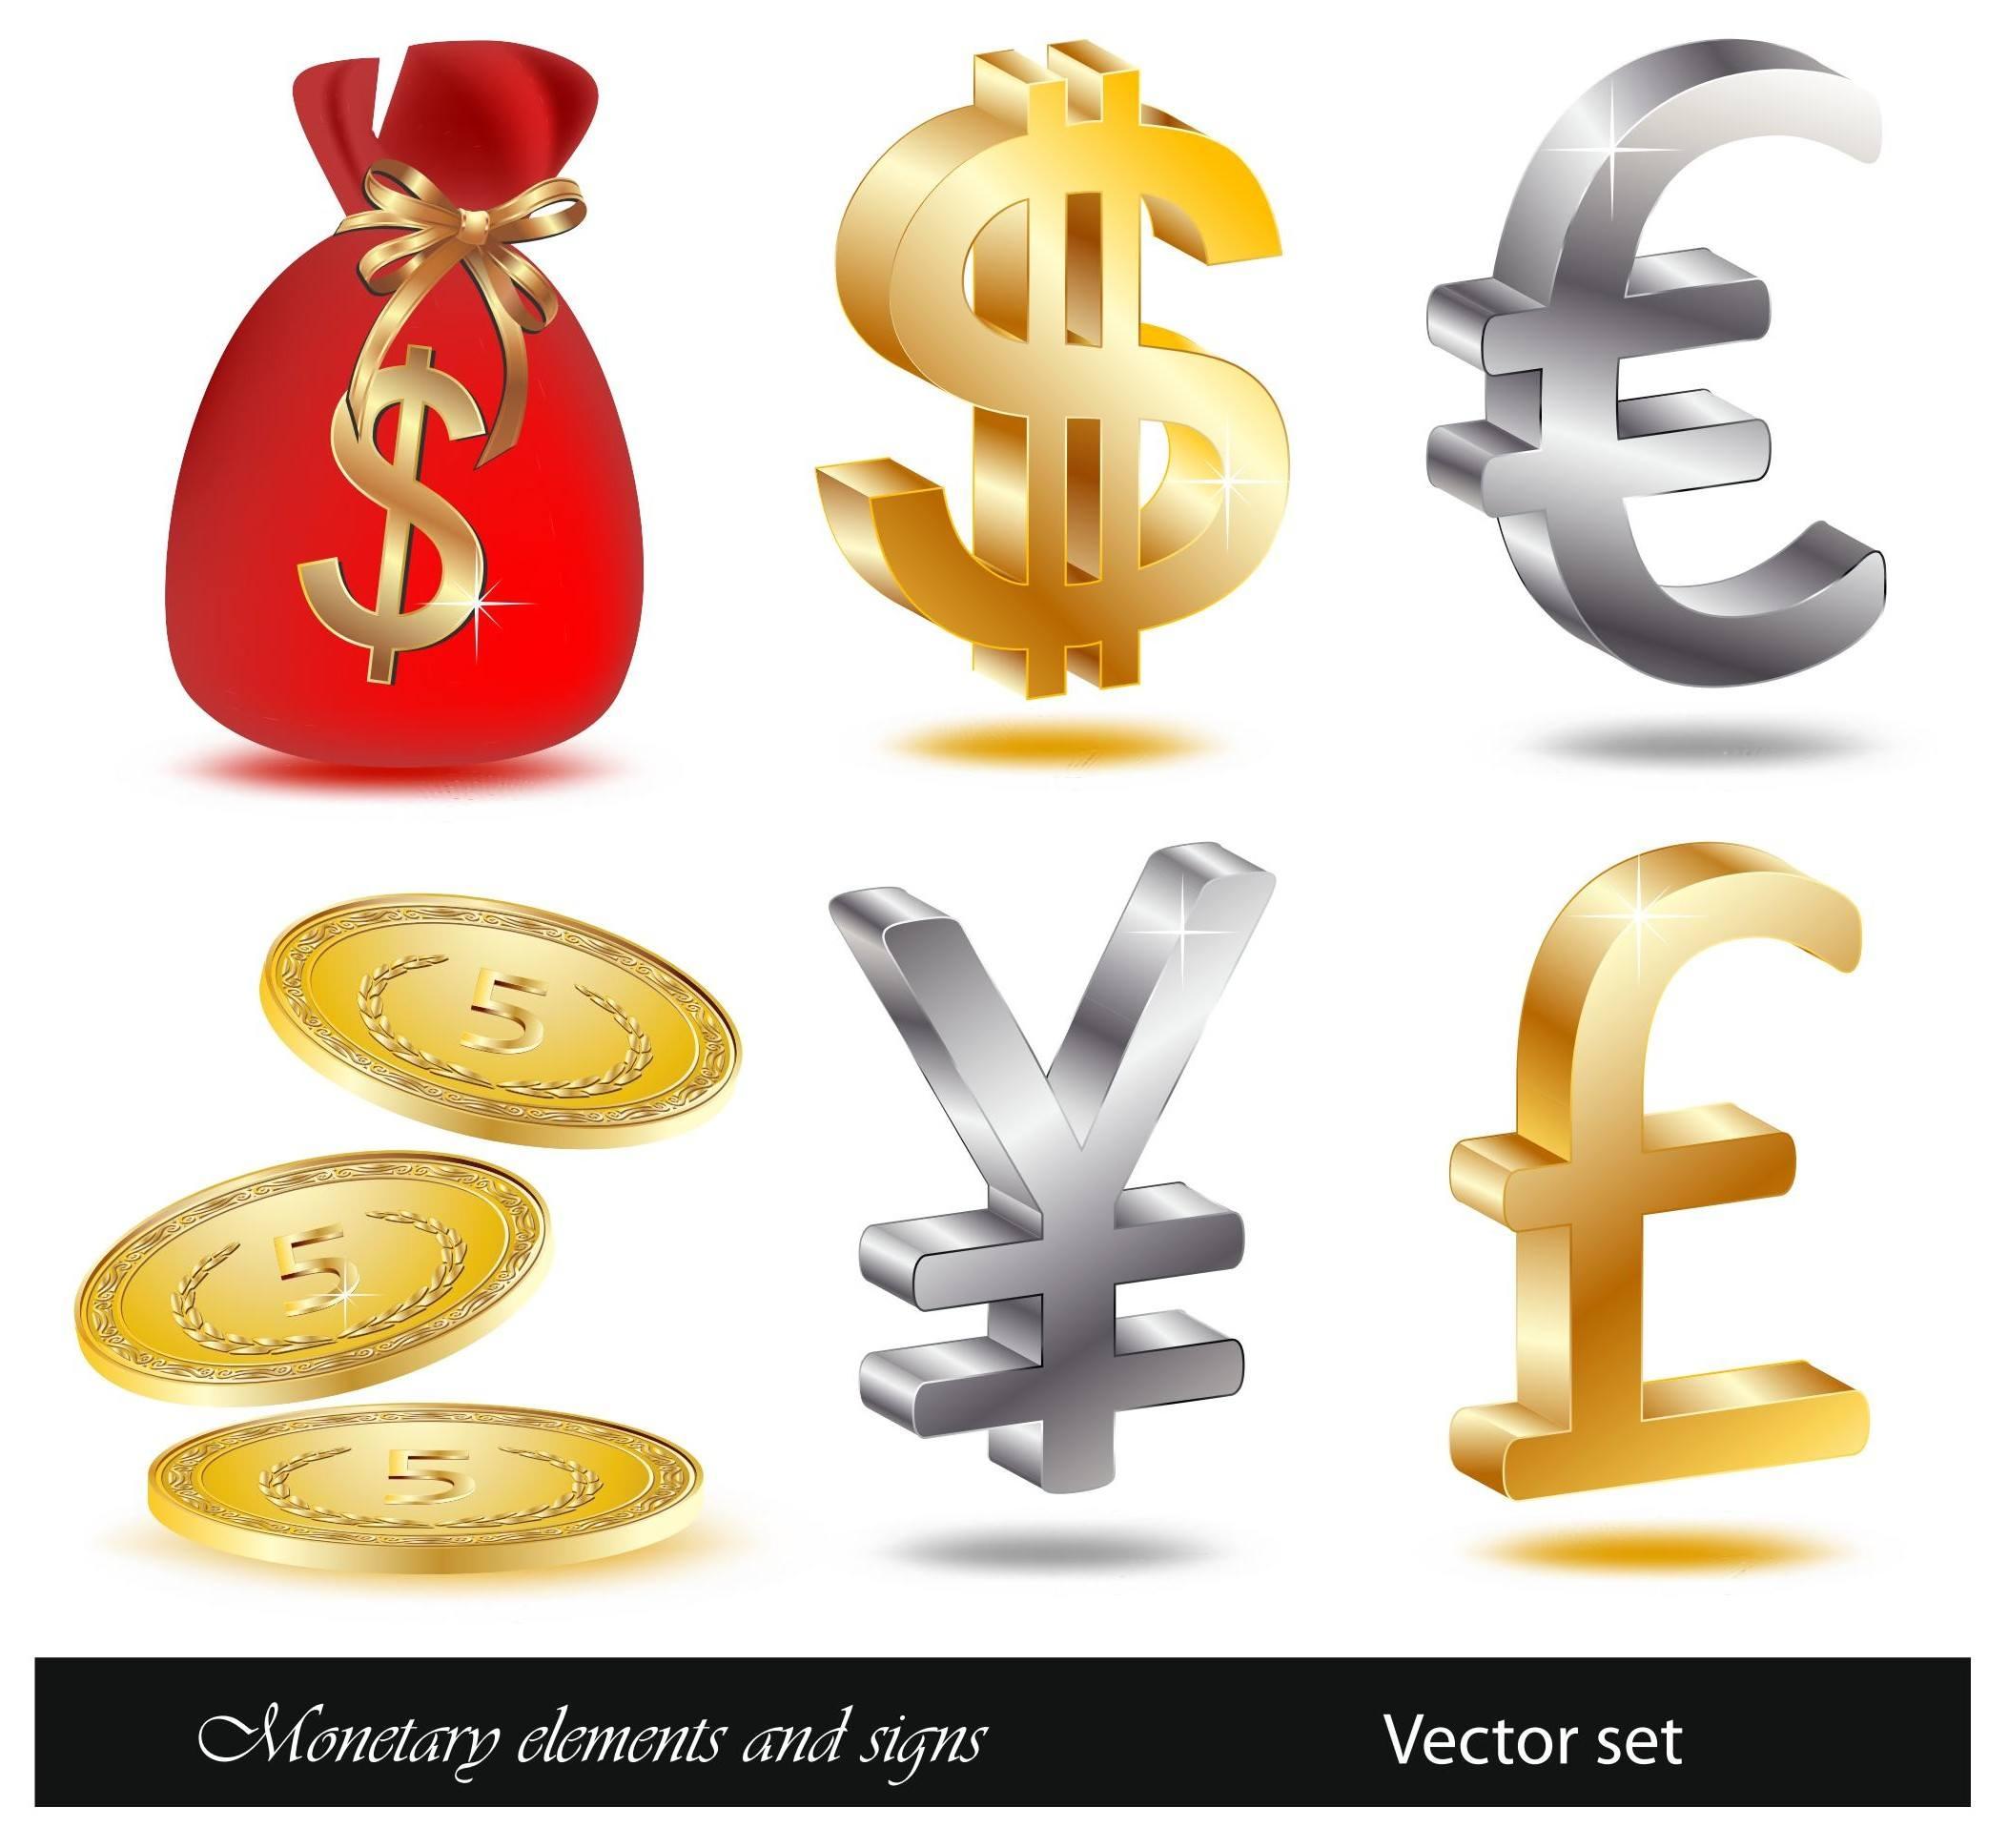 Financial icon vectors 01 png